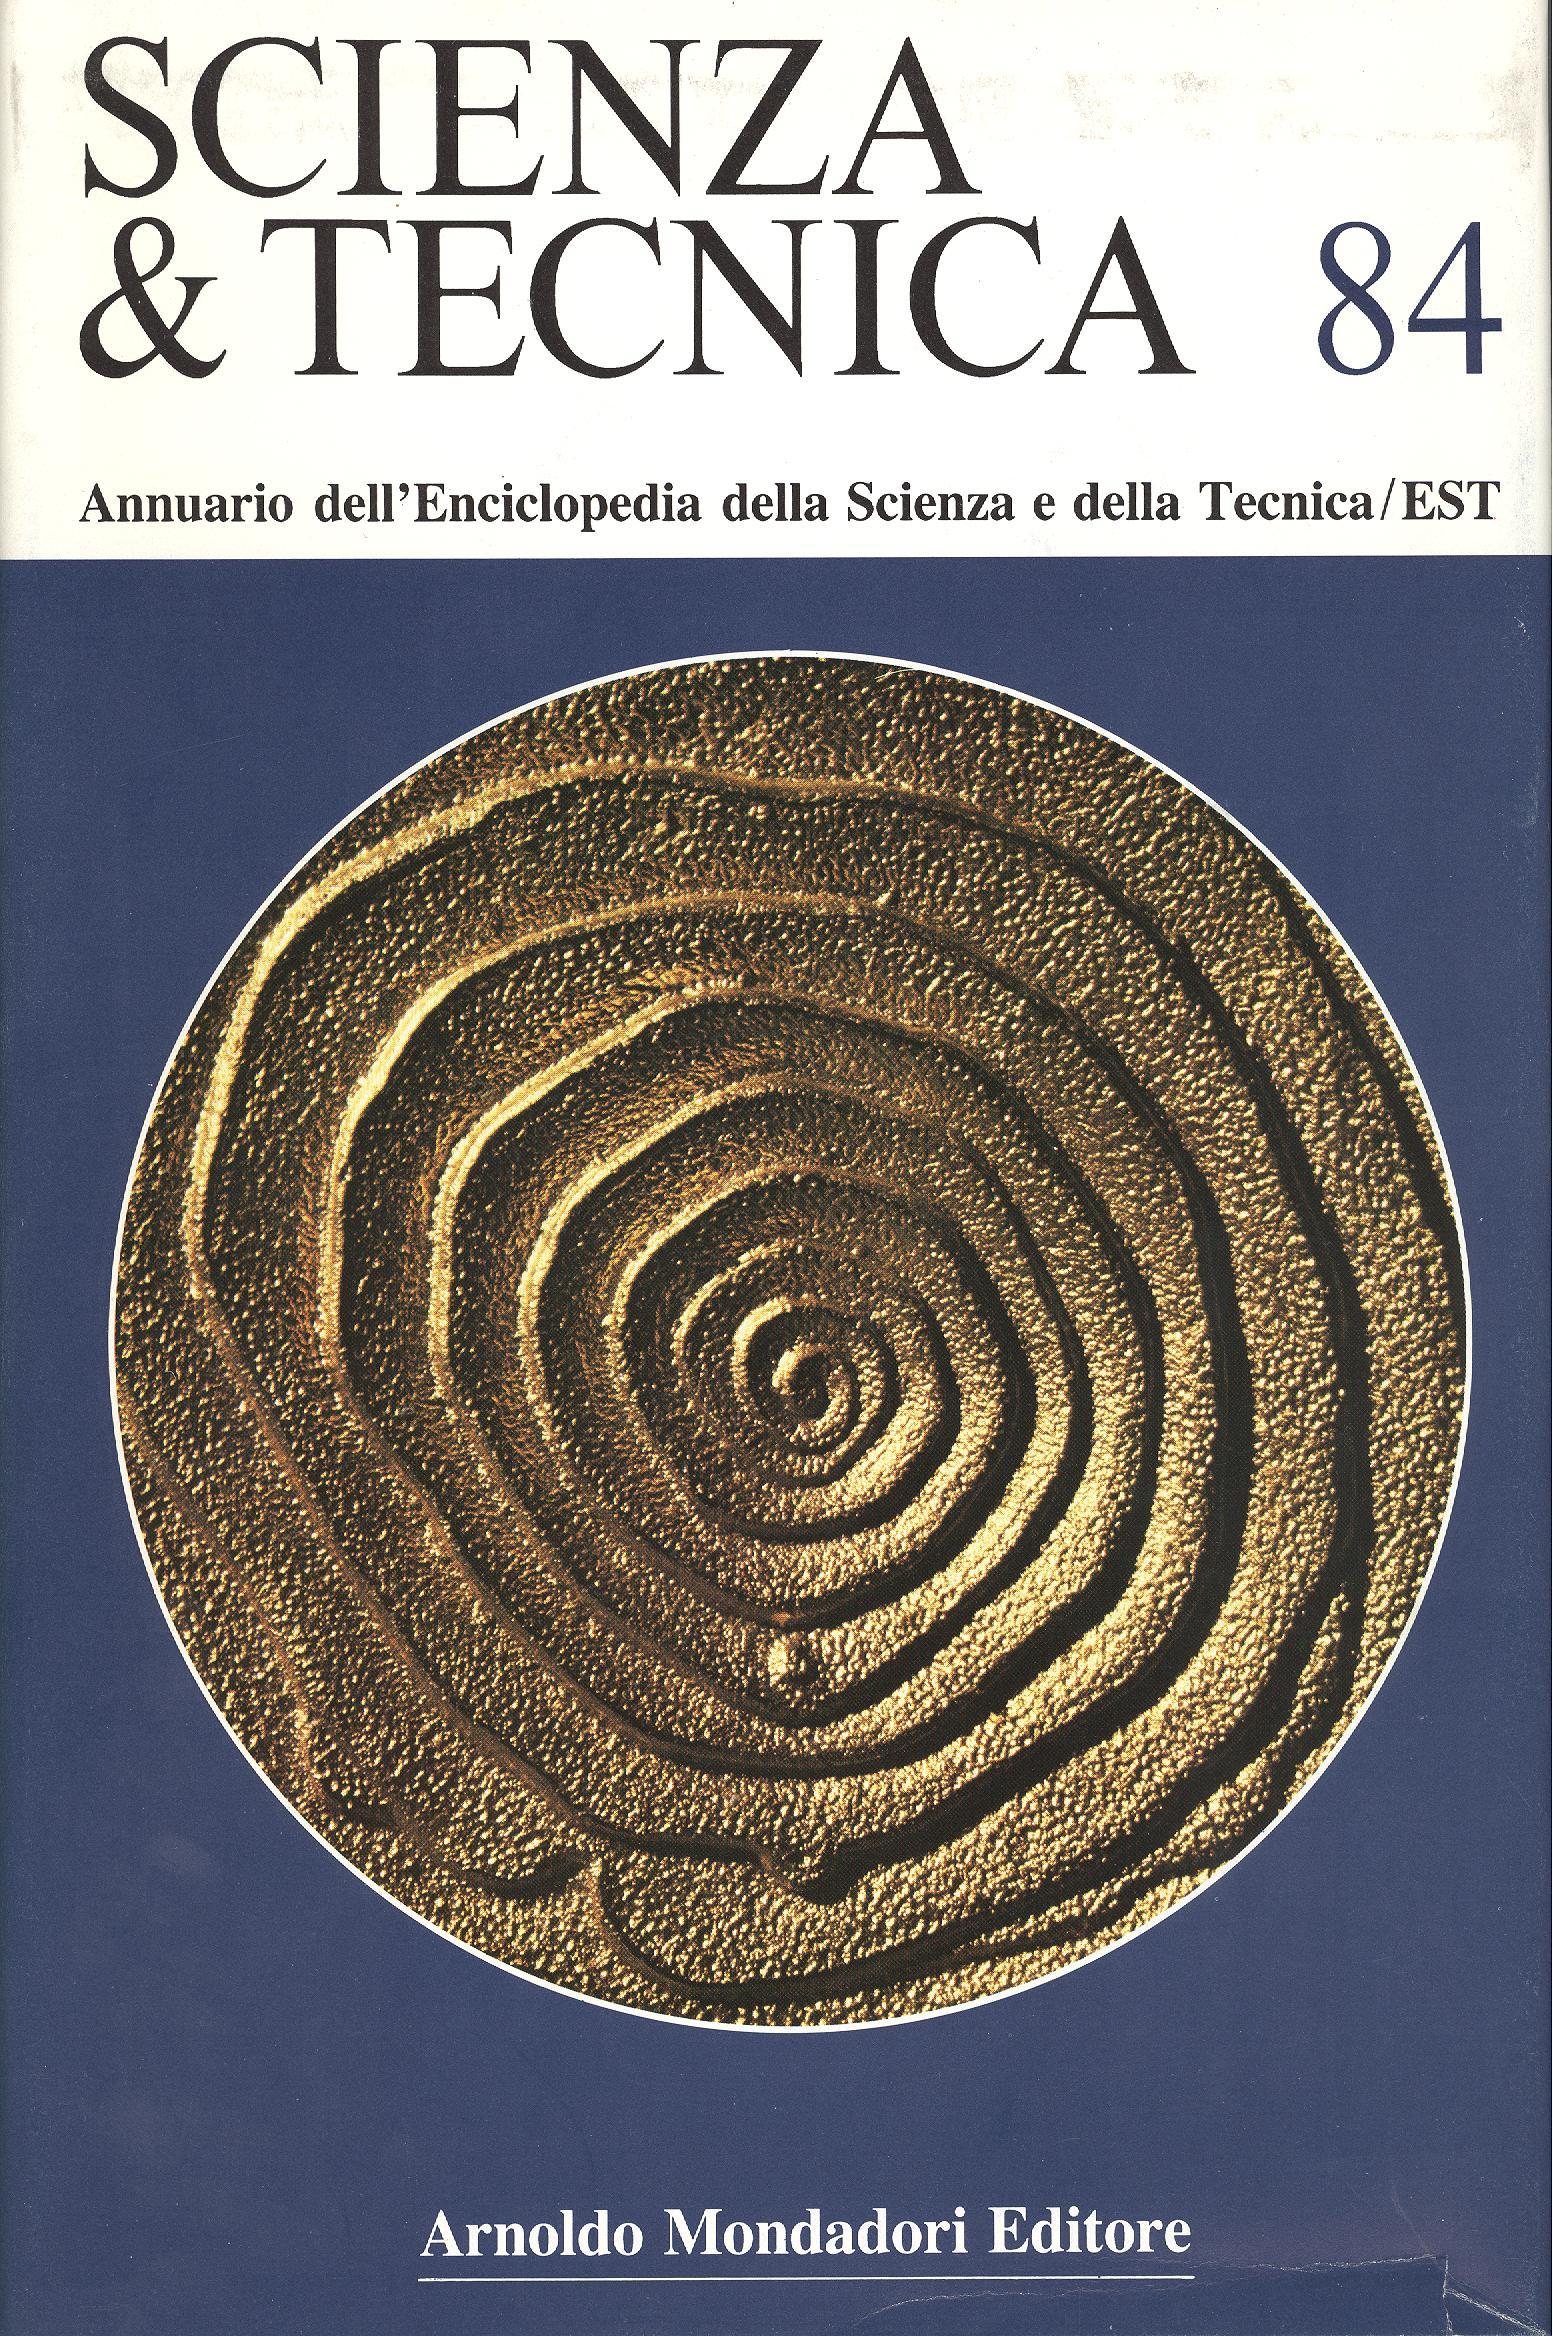 Scienza & Tecnica 84